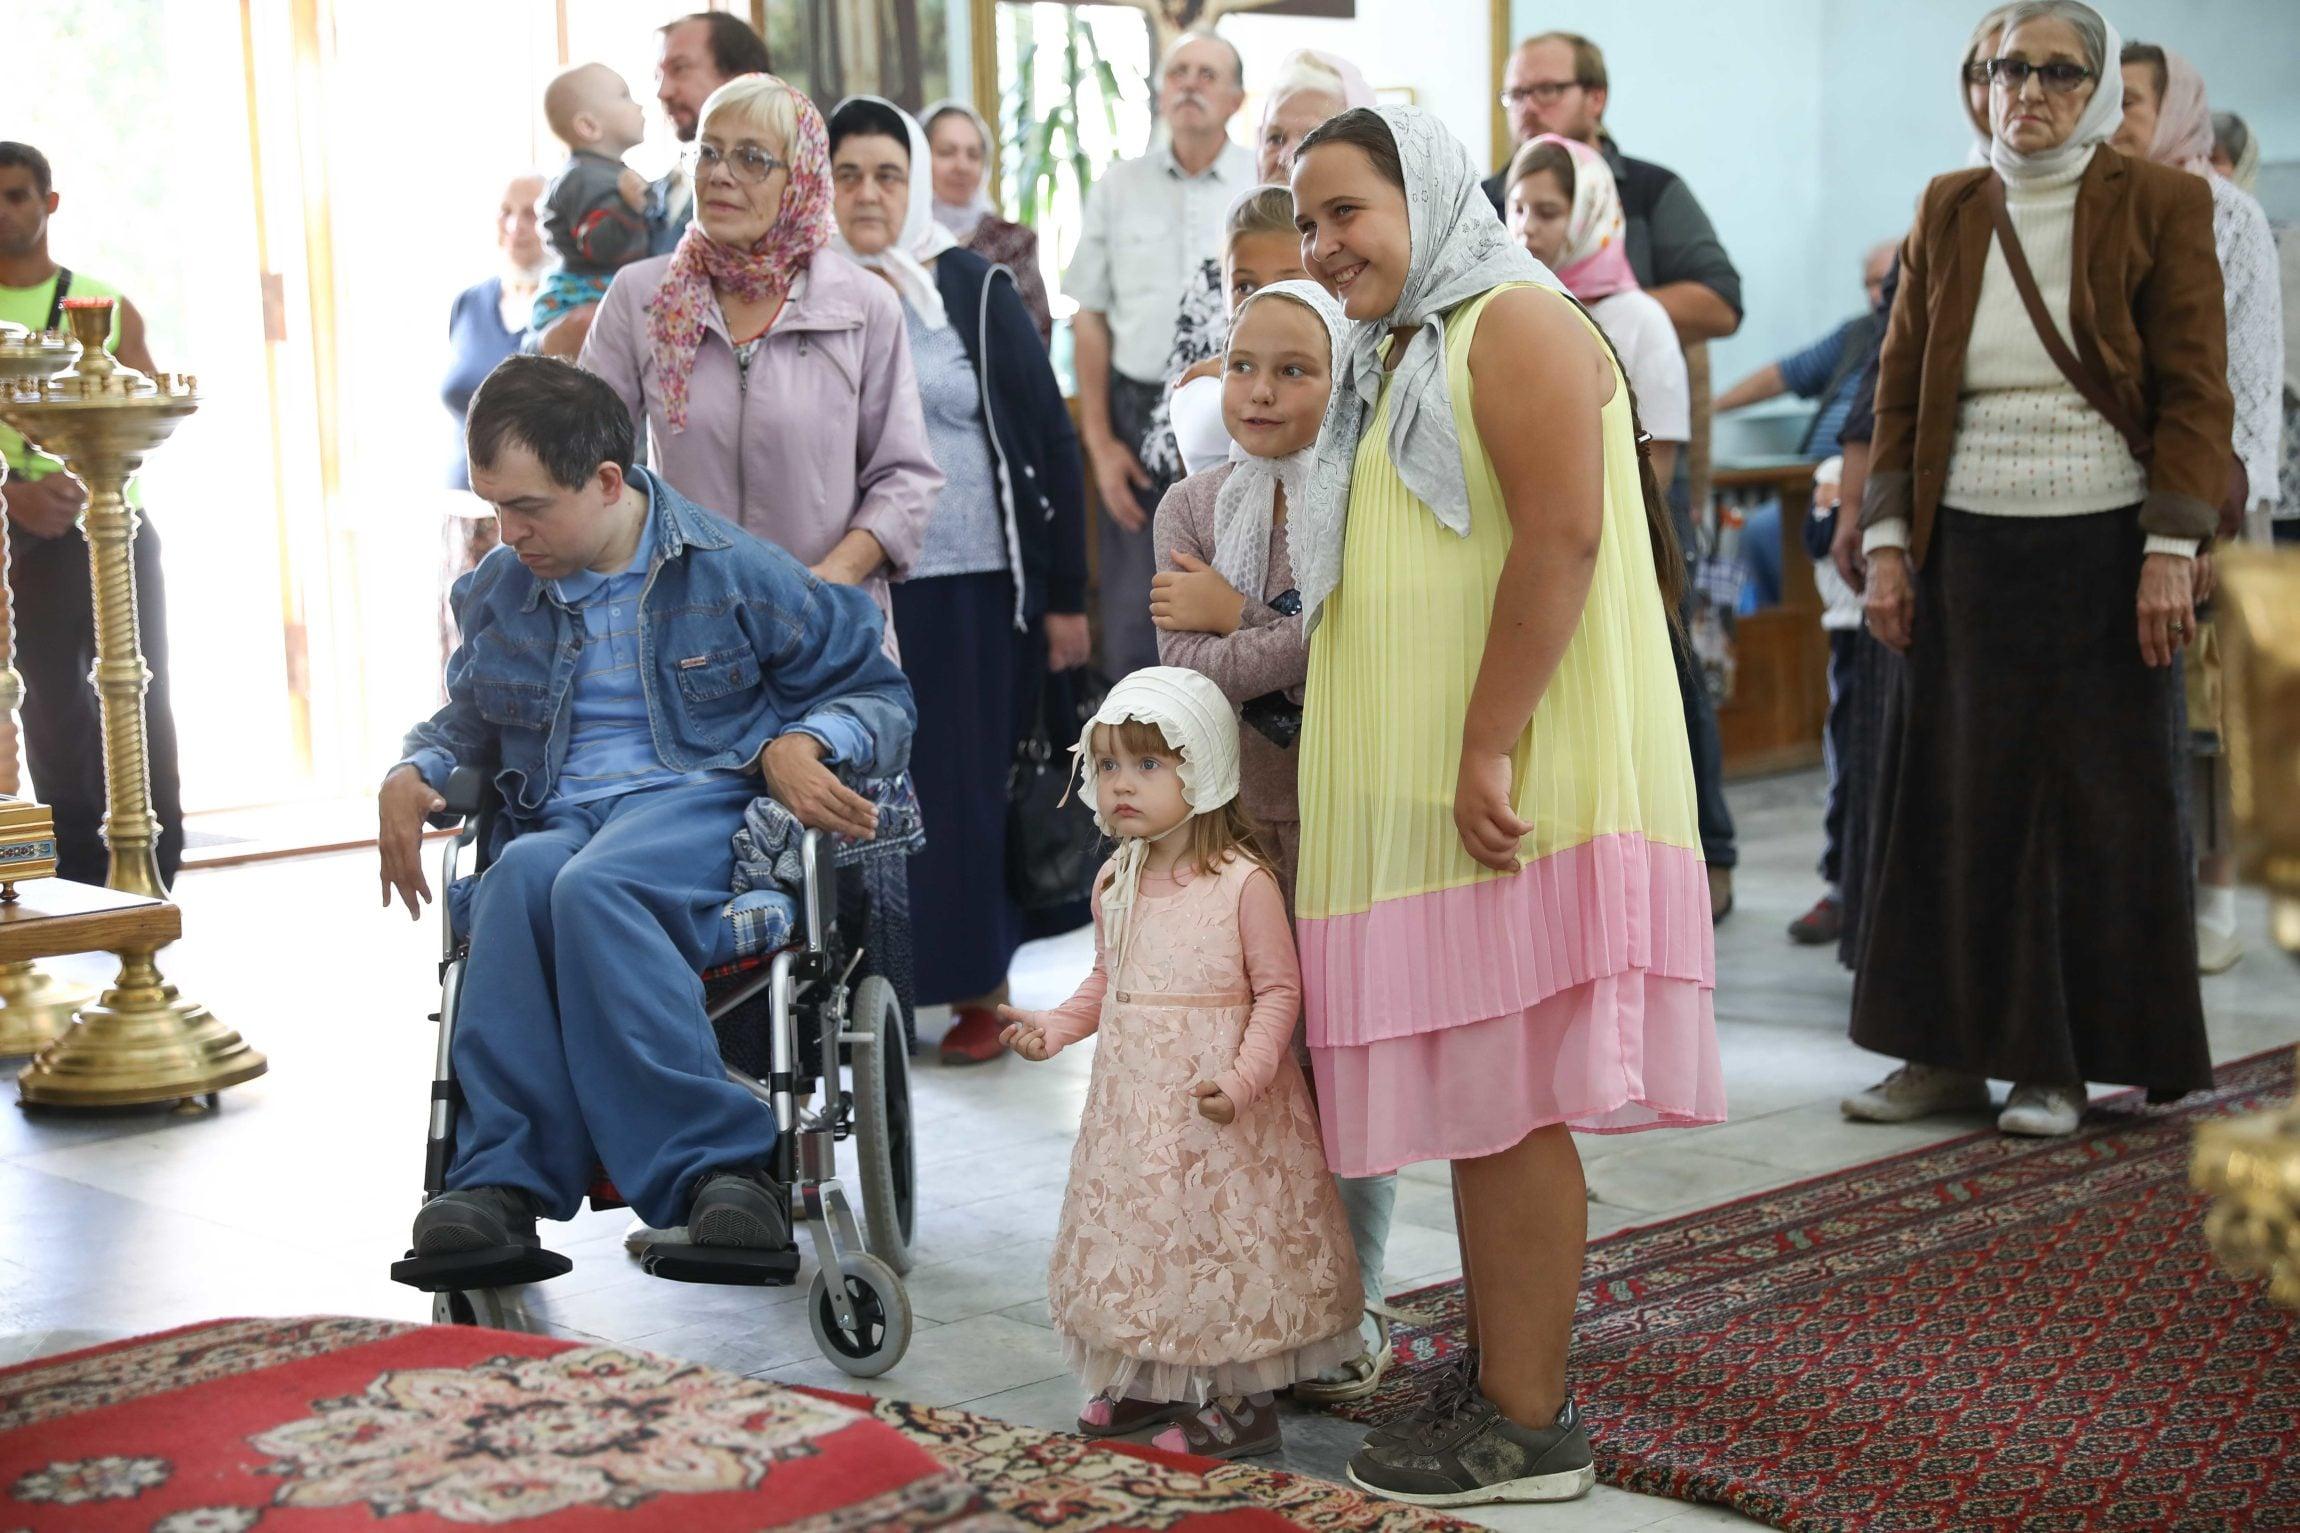 http://monuspen.ru/photoreports/300a33e78ae43bf112005df432bc34h5.jpg